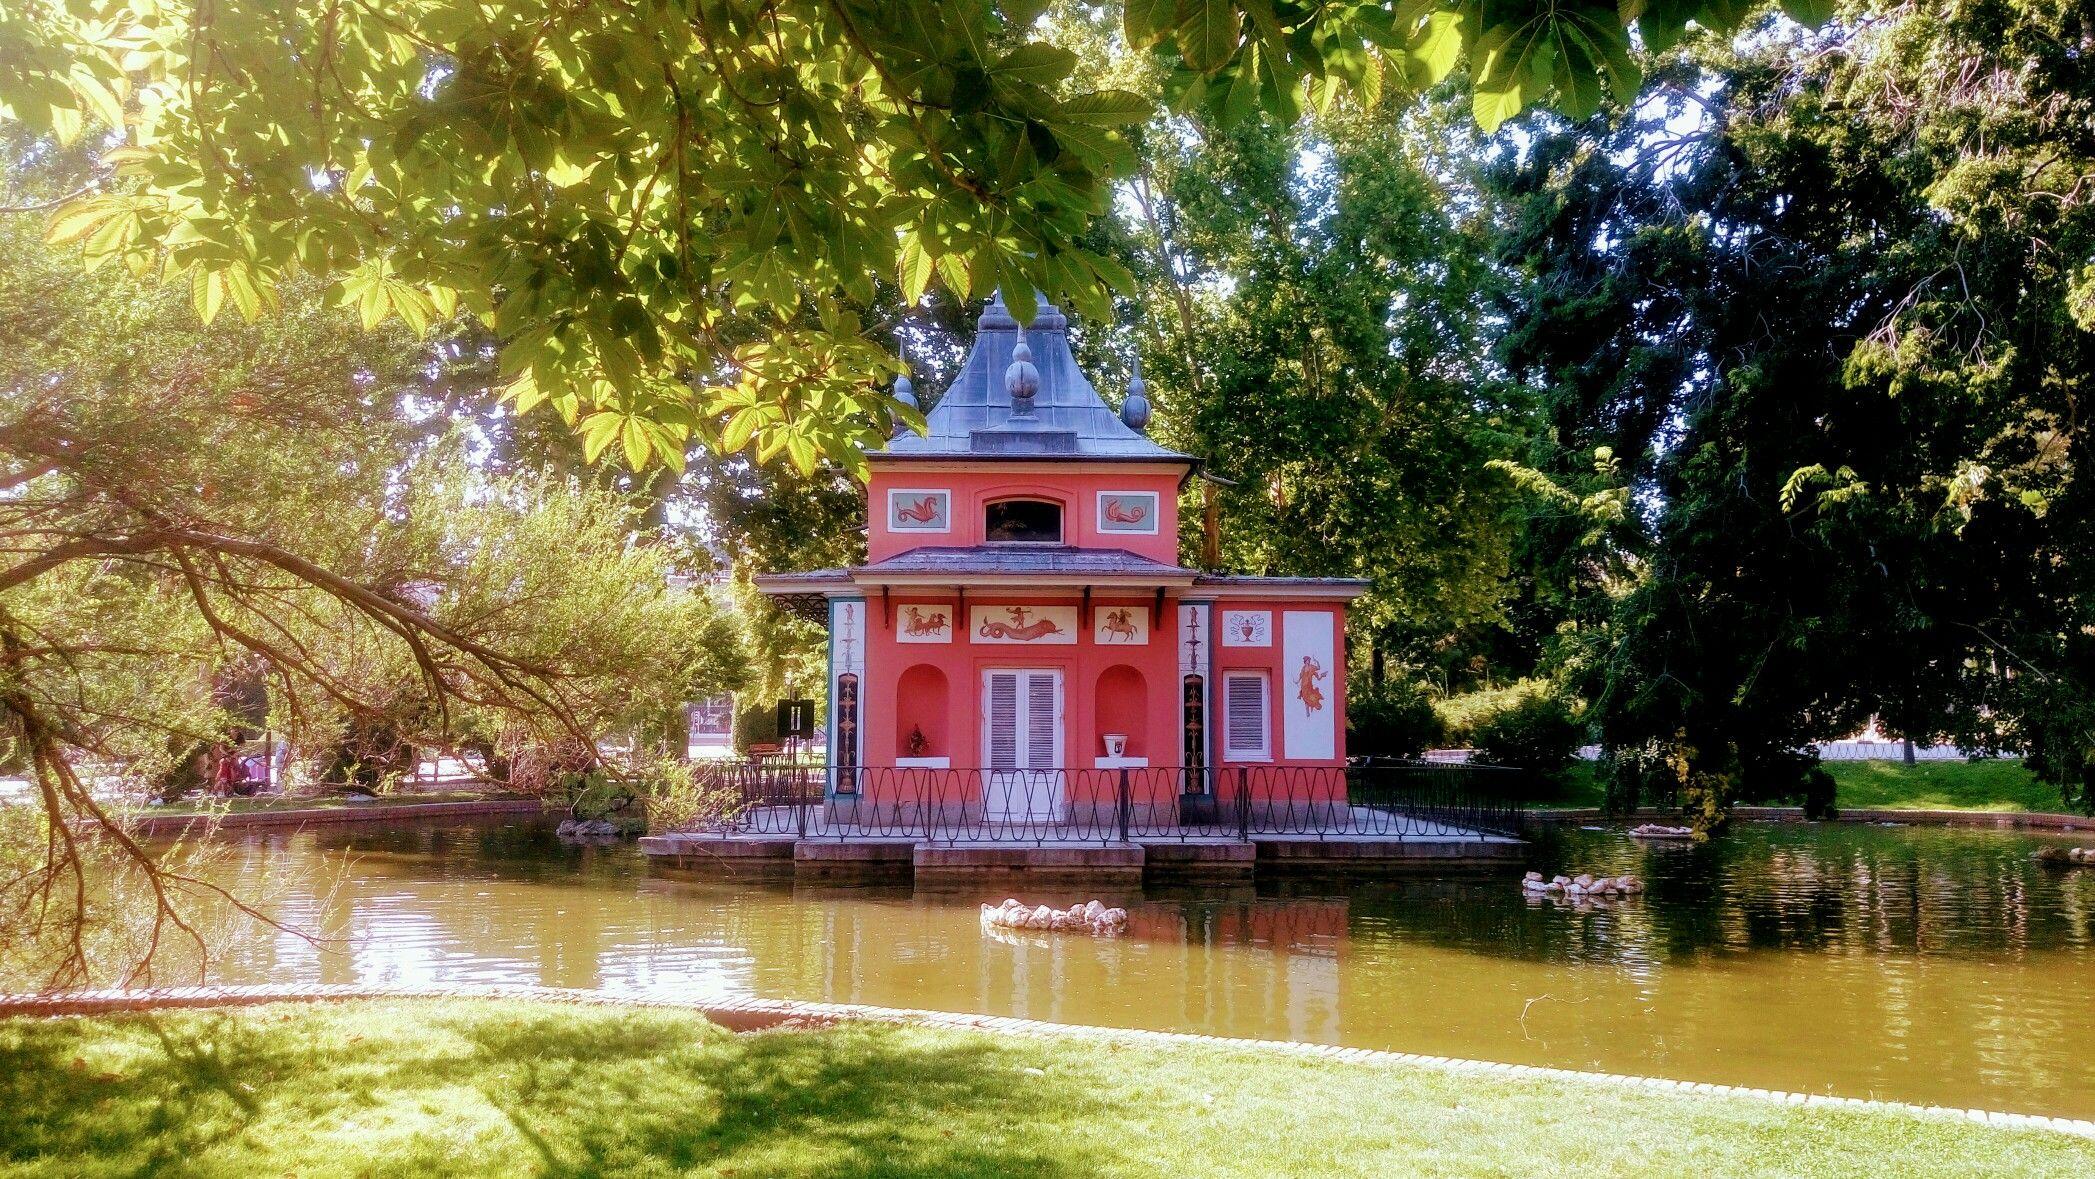 Casa Del Pescador Parque Del Buen Retiro Madrid Parque Del